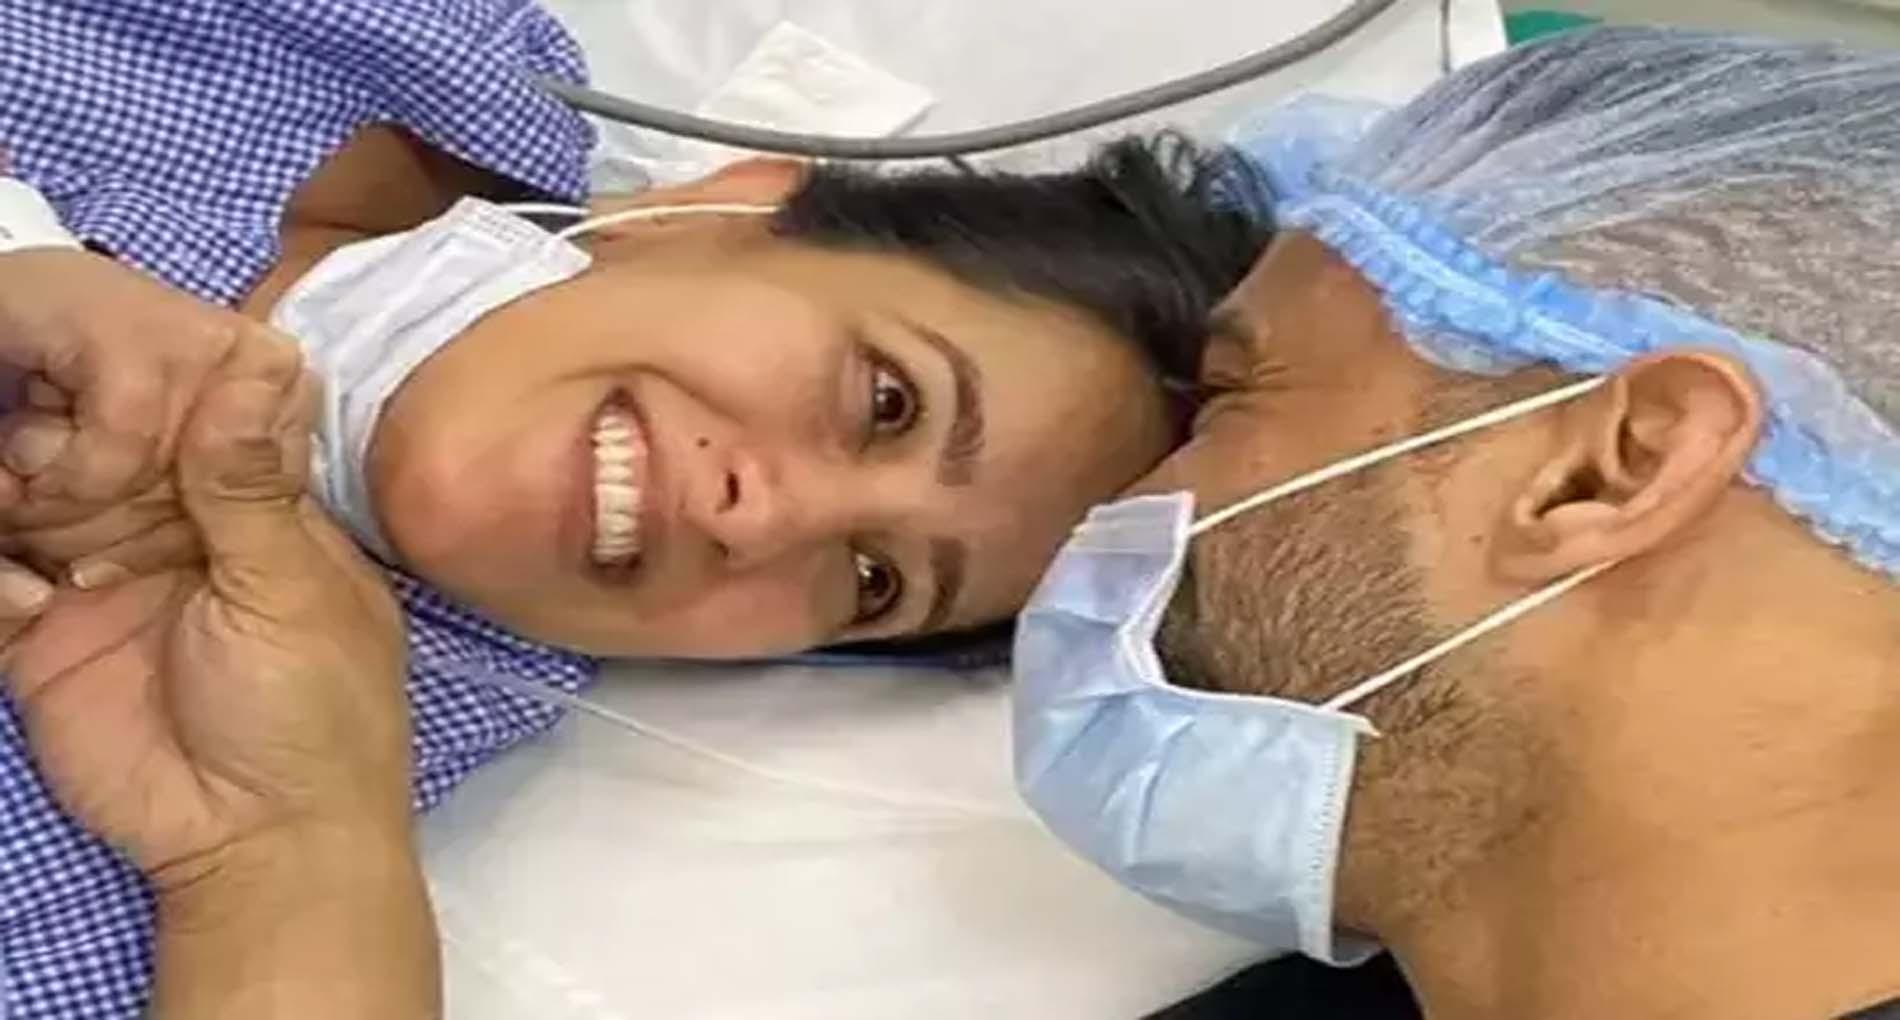 टीवी एक्ट्रेस अनीता हसनंदानी ने दिया बेटे को जन्म, पति रोहित रेड्डी ने शेयर की तस्वीर